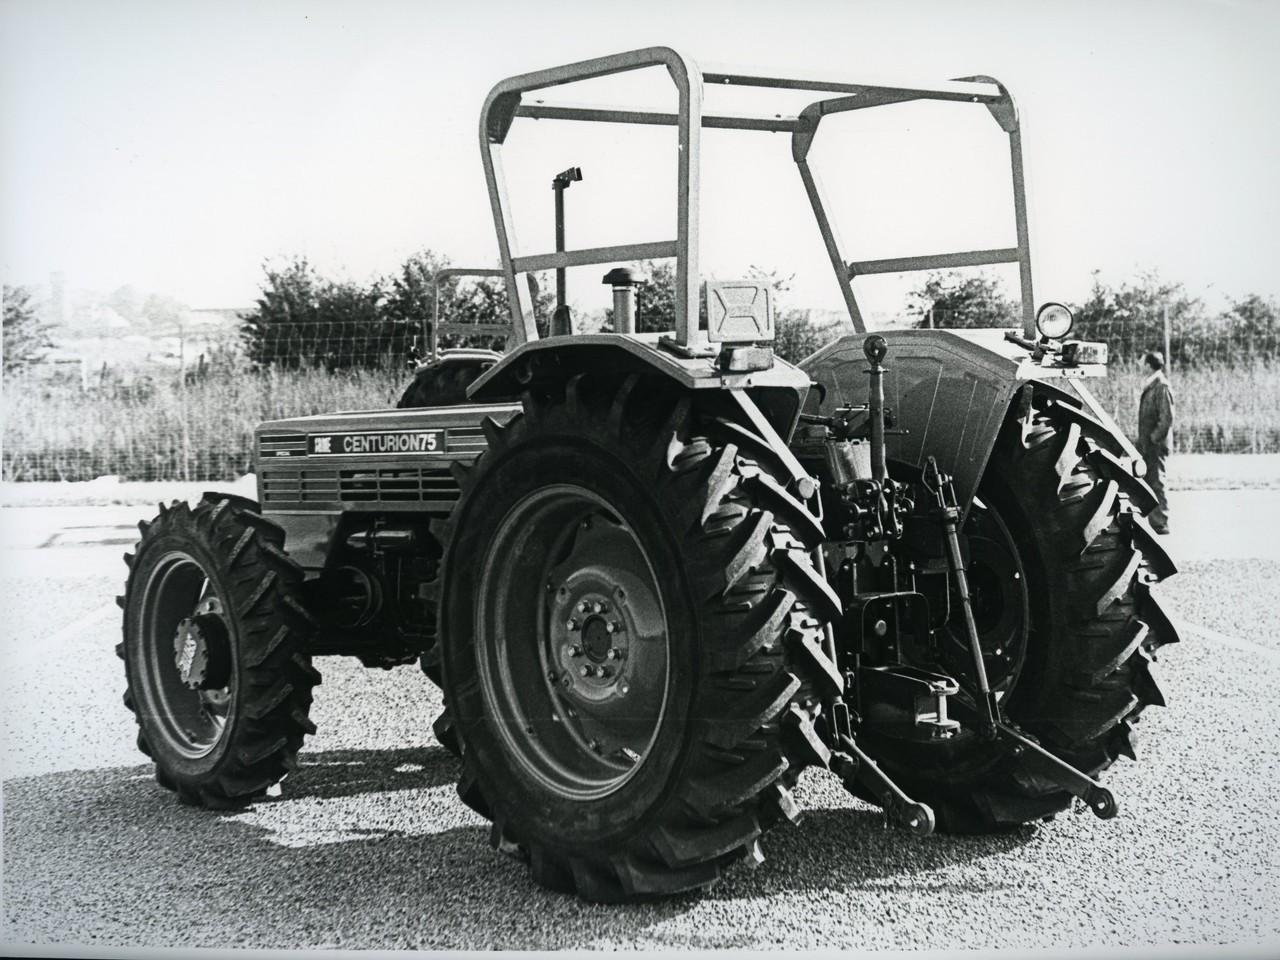 [SAME] trattore Centurion 75, vista posteriore e laterale